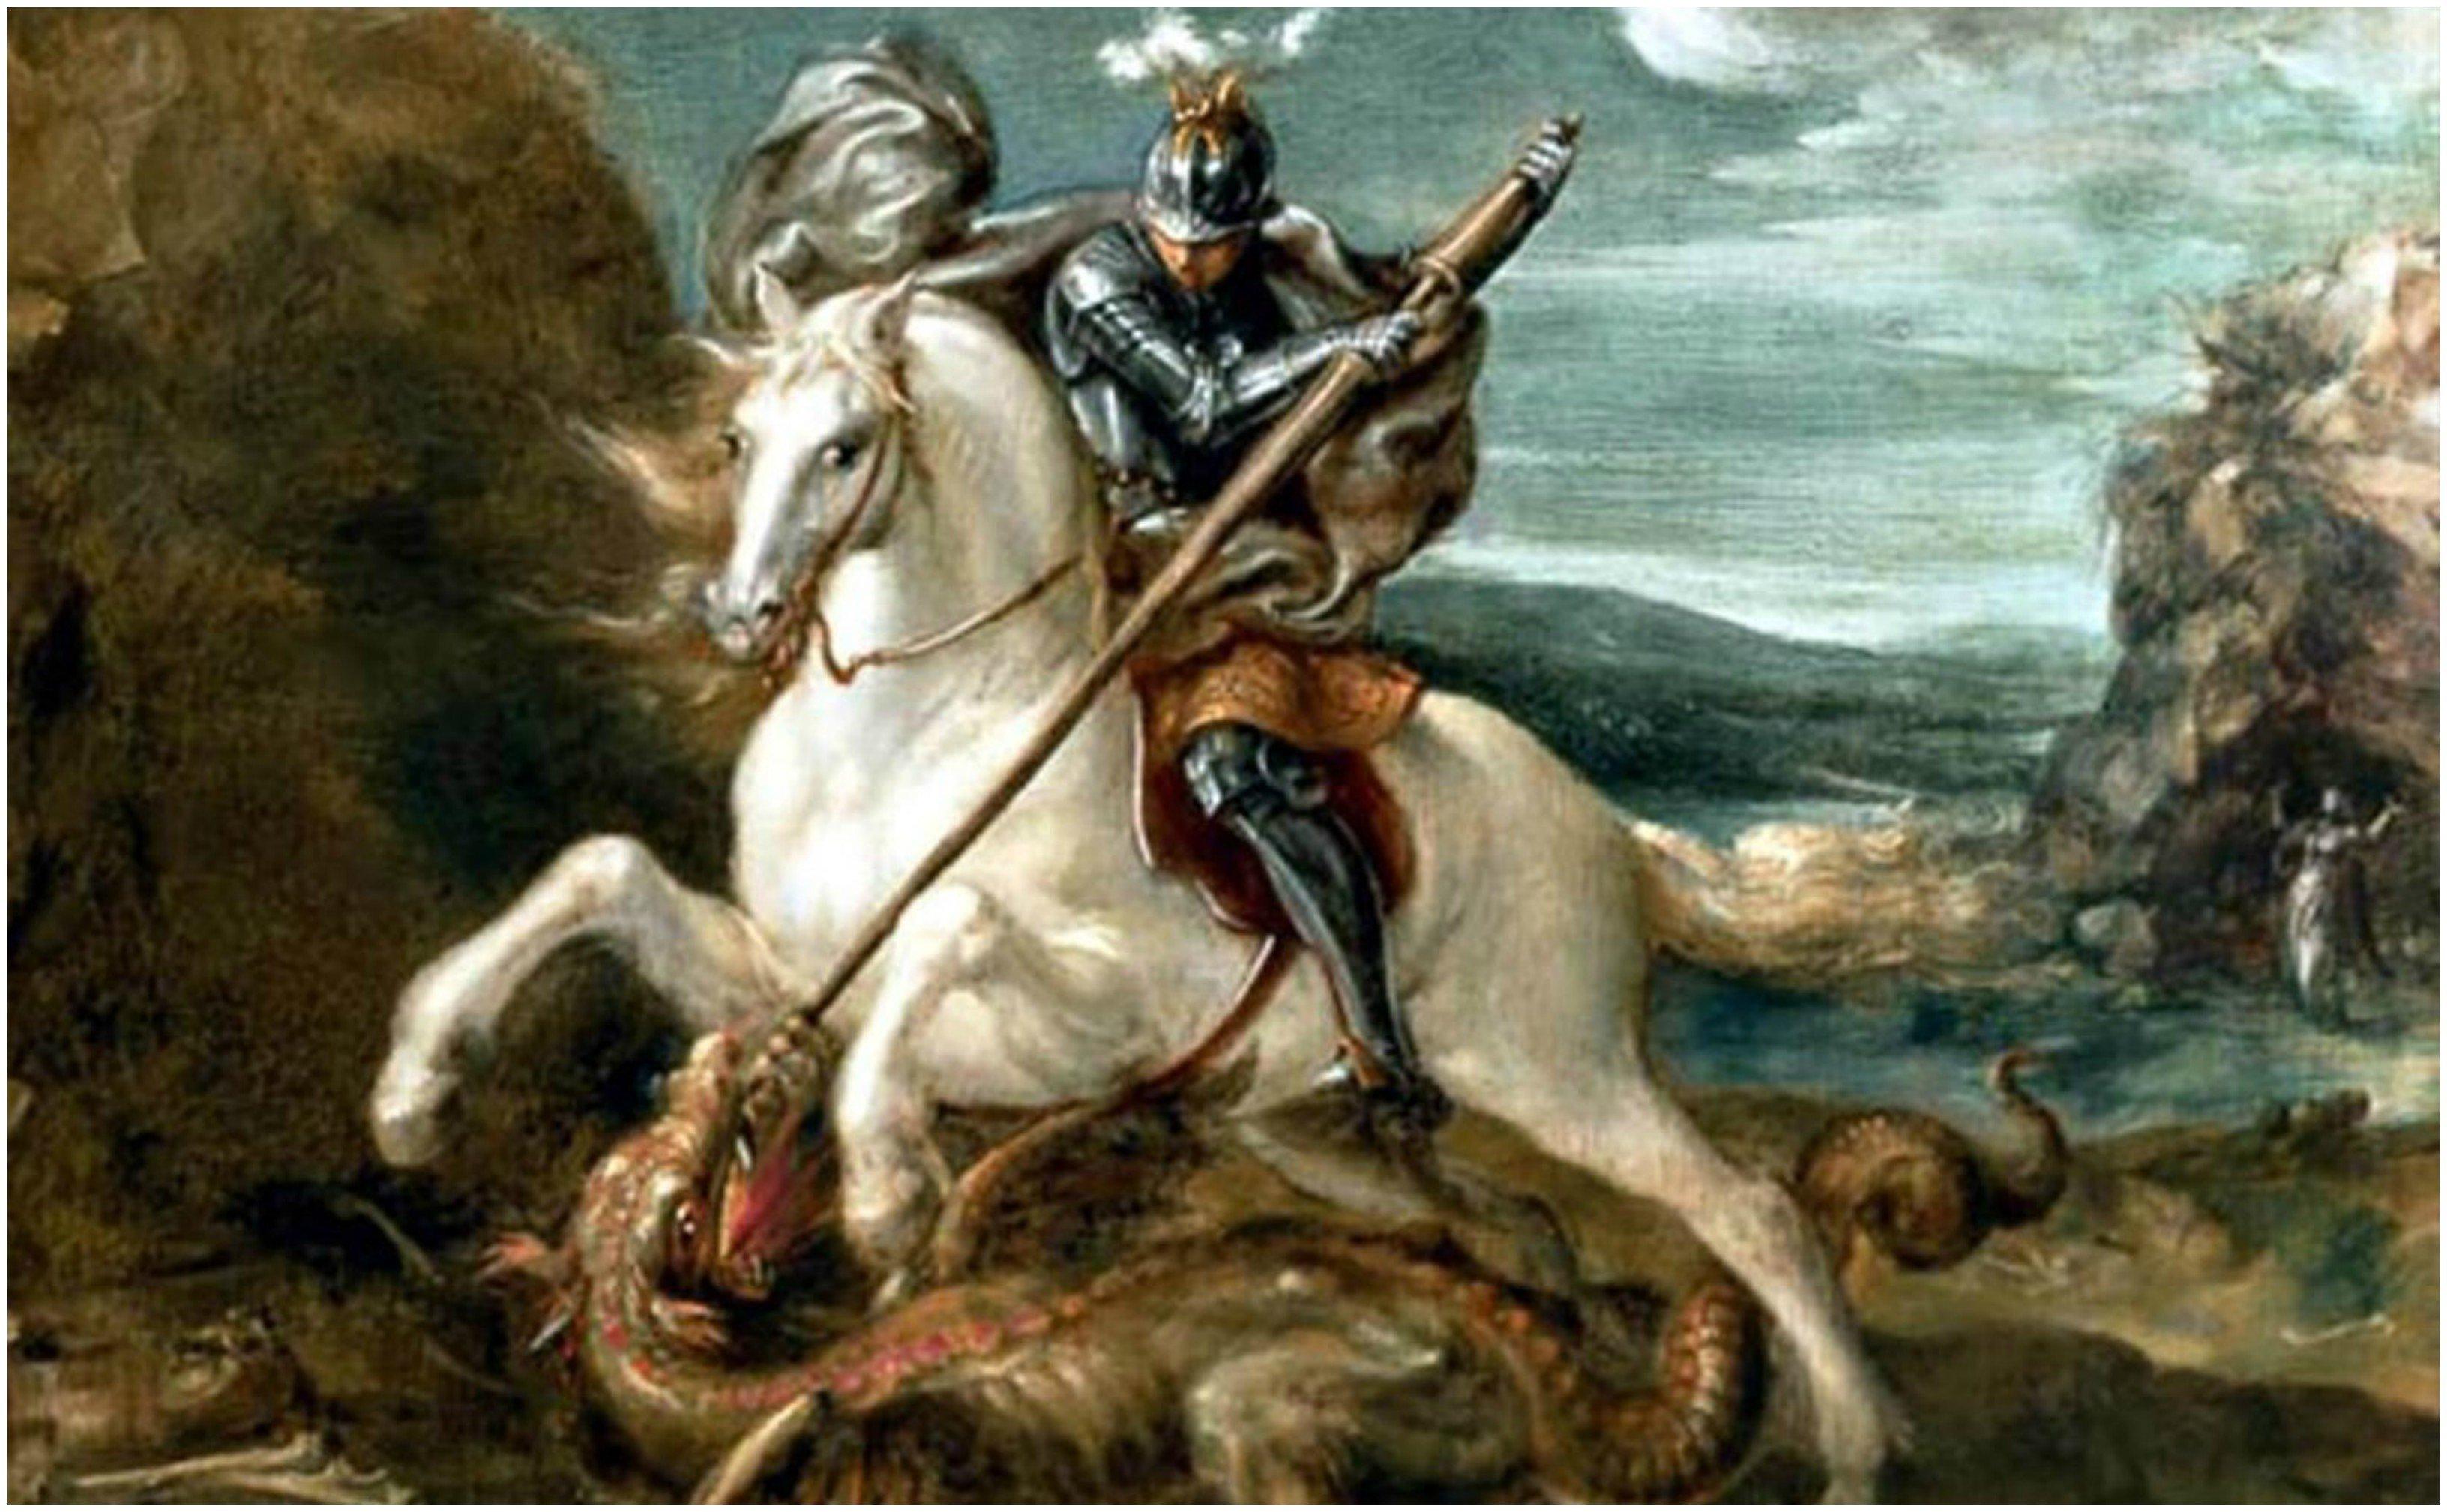 San Jorge mató al dragón para salvar a la doncella, lo cual atenta contra el feminismo, el ecologismo y el animalismo: ¡Bien por George!